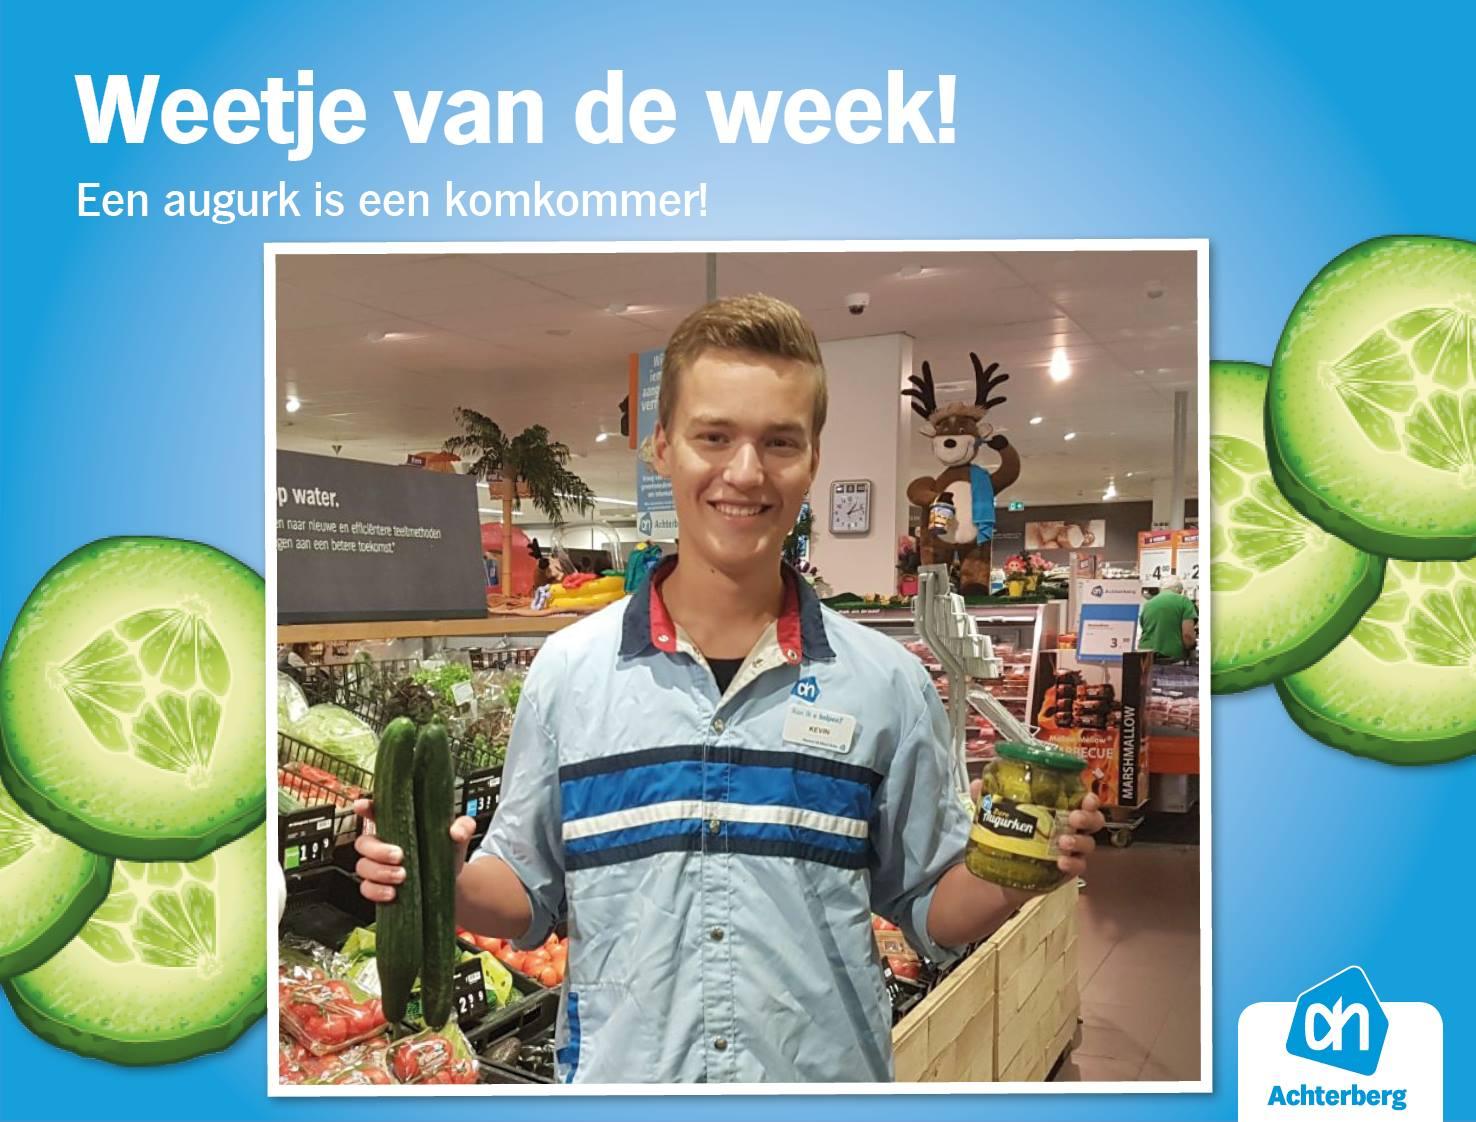 Weetje van de week: een augurk is een komkommer!